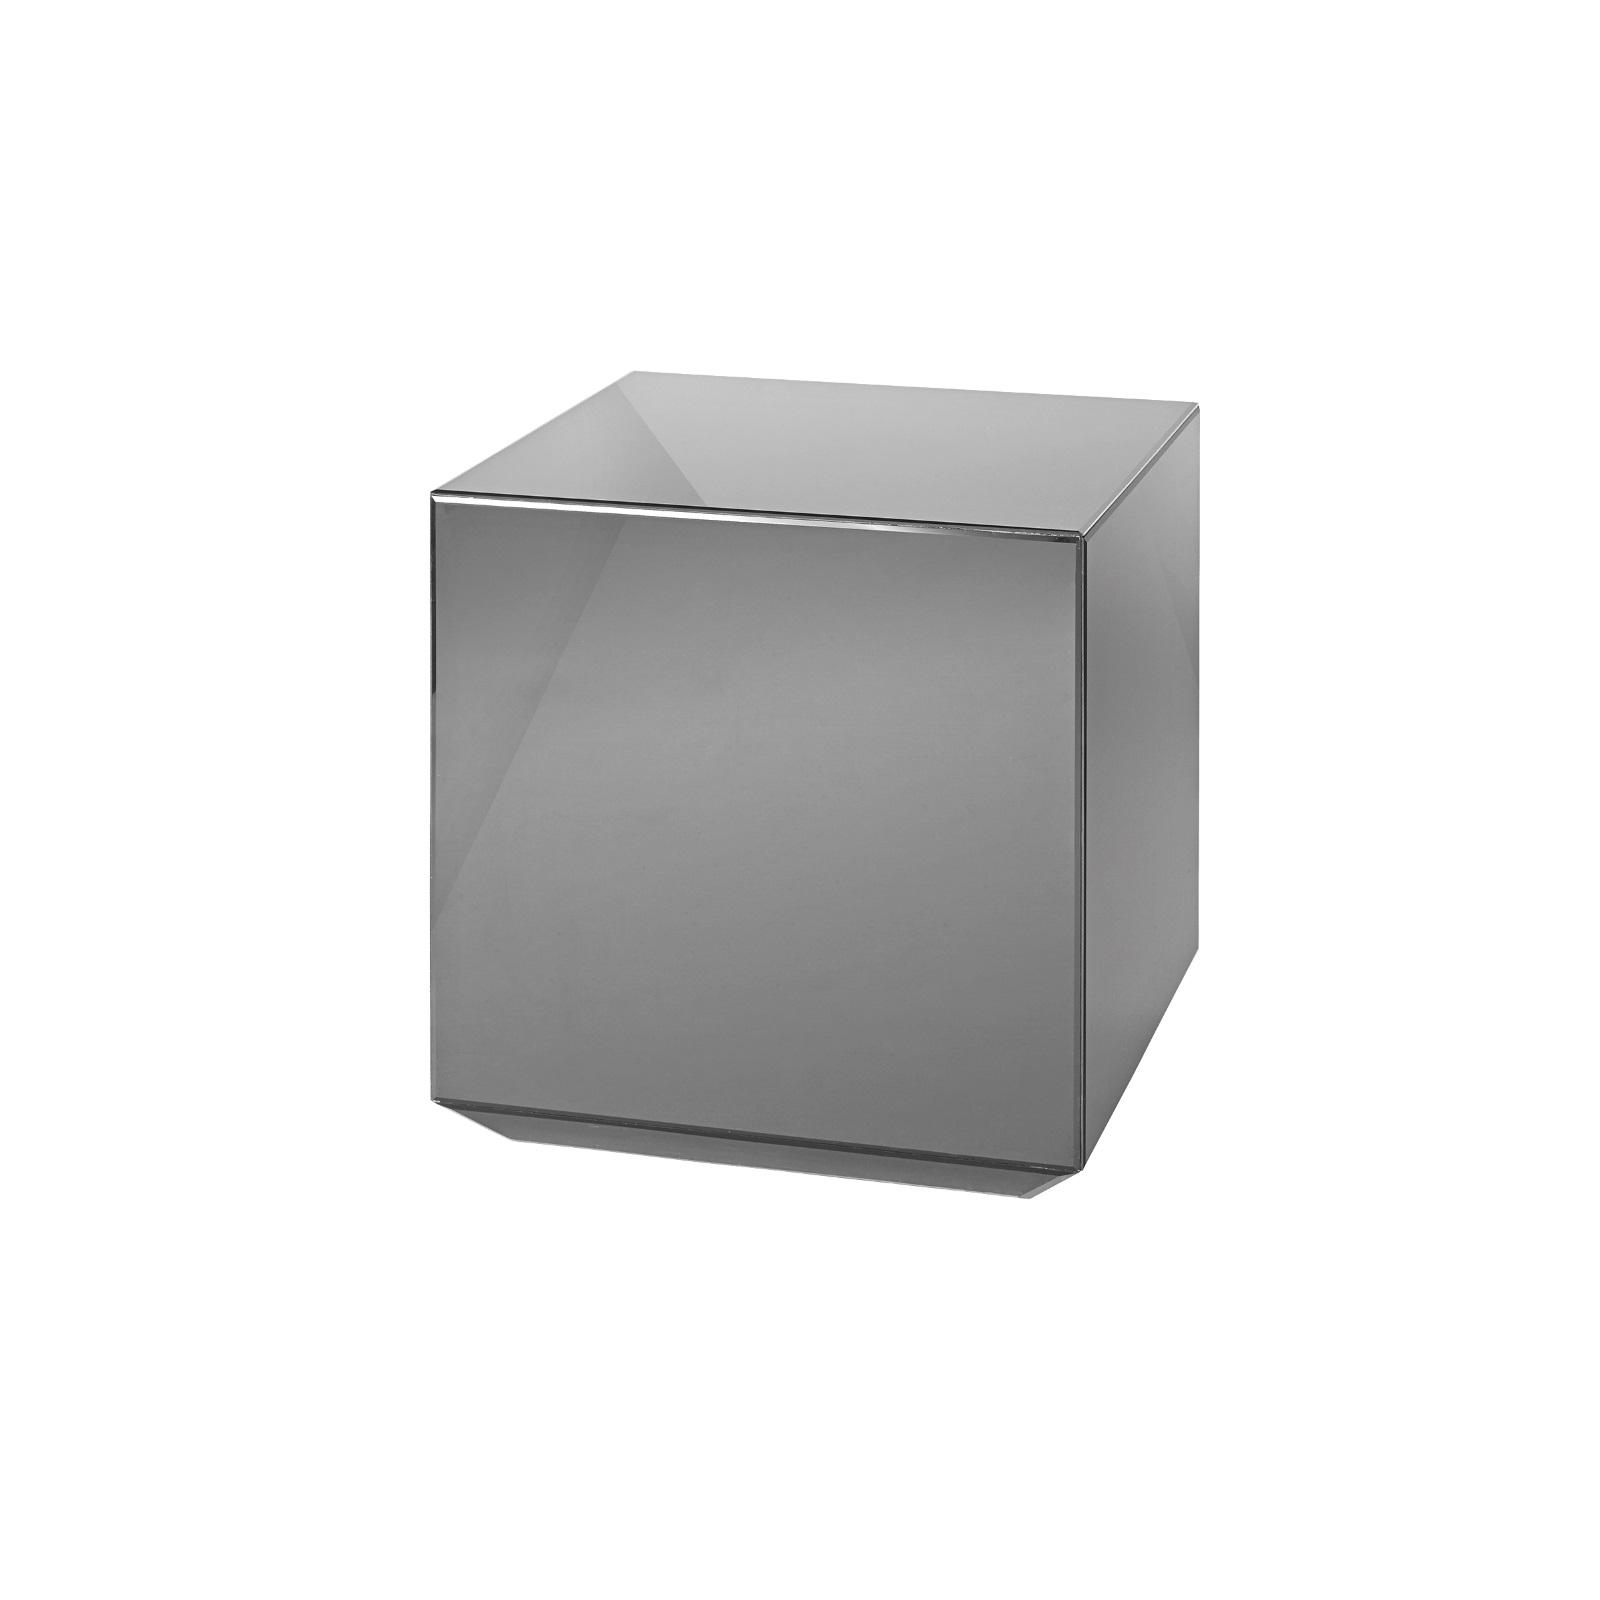 Spegelbord SPECULUM black table, AYTM